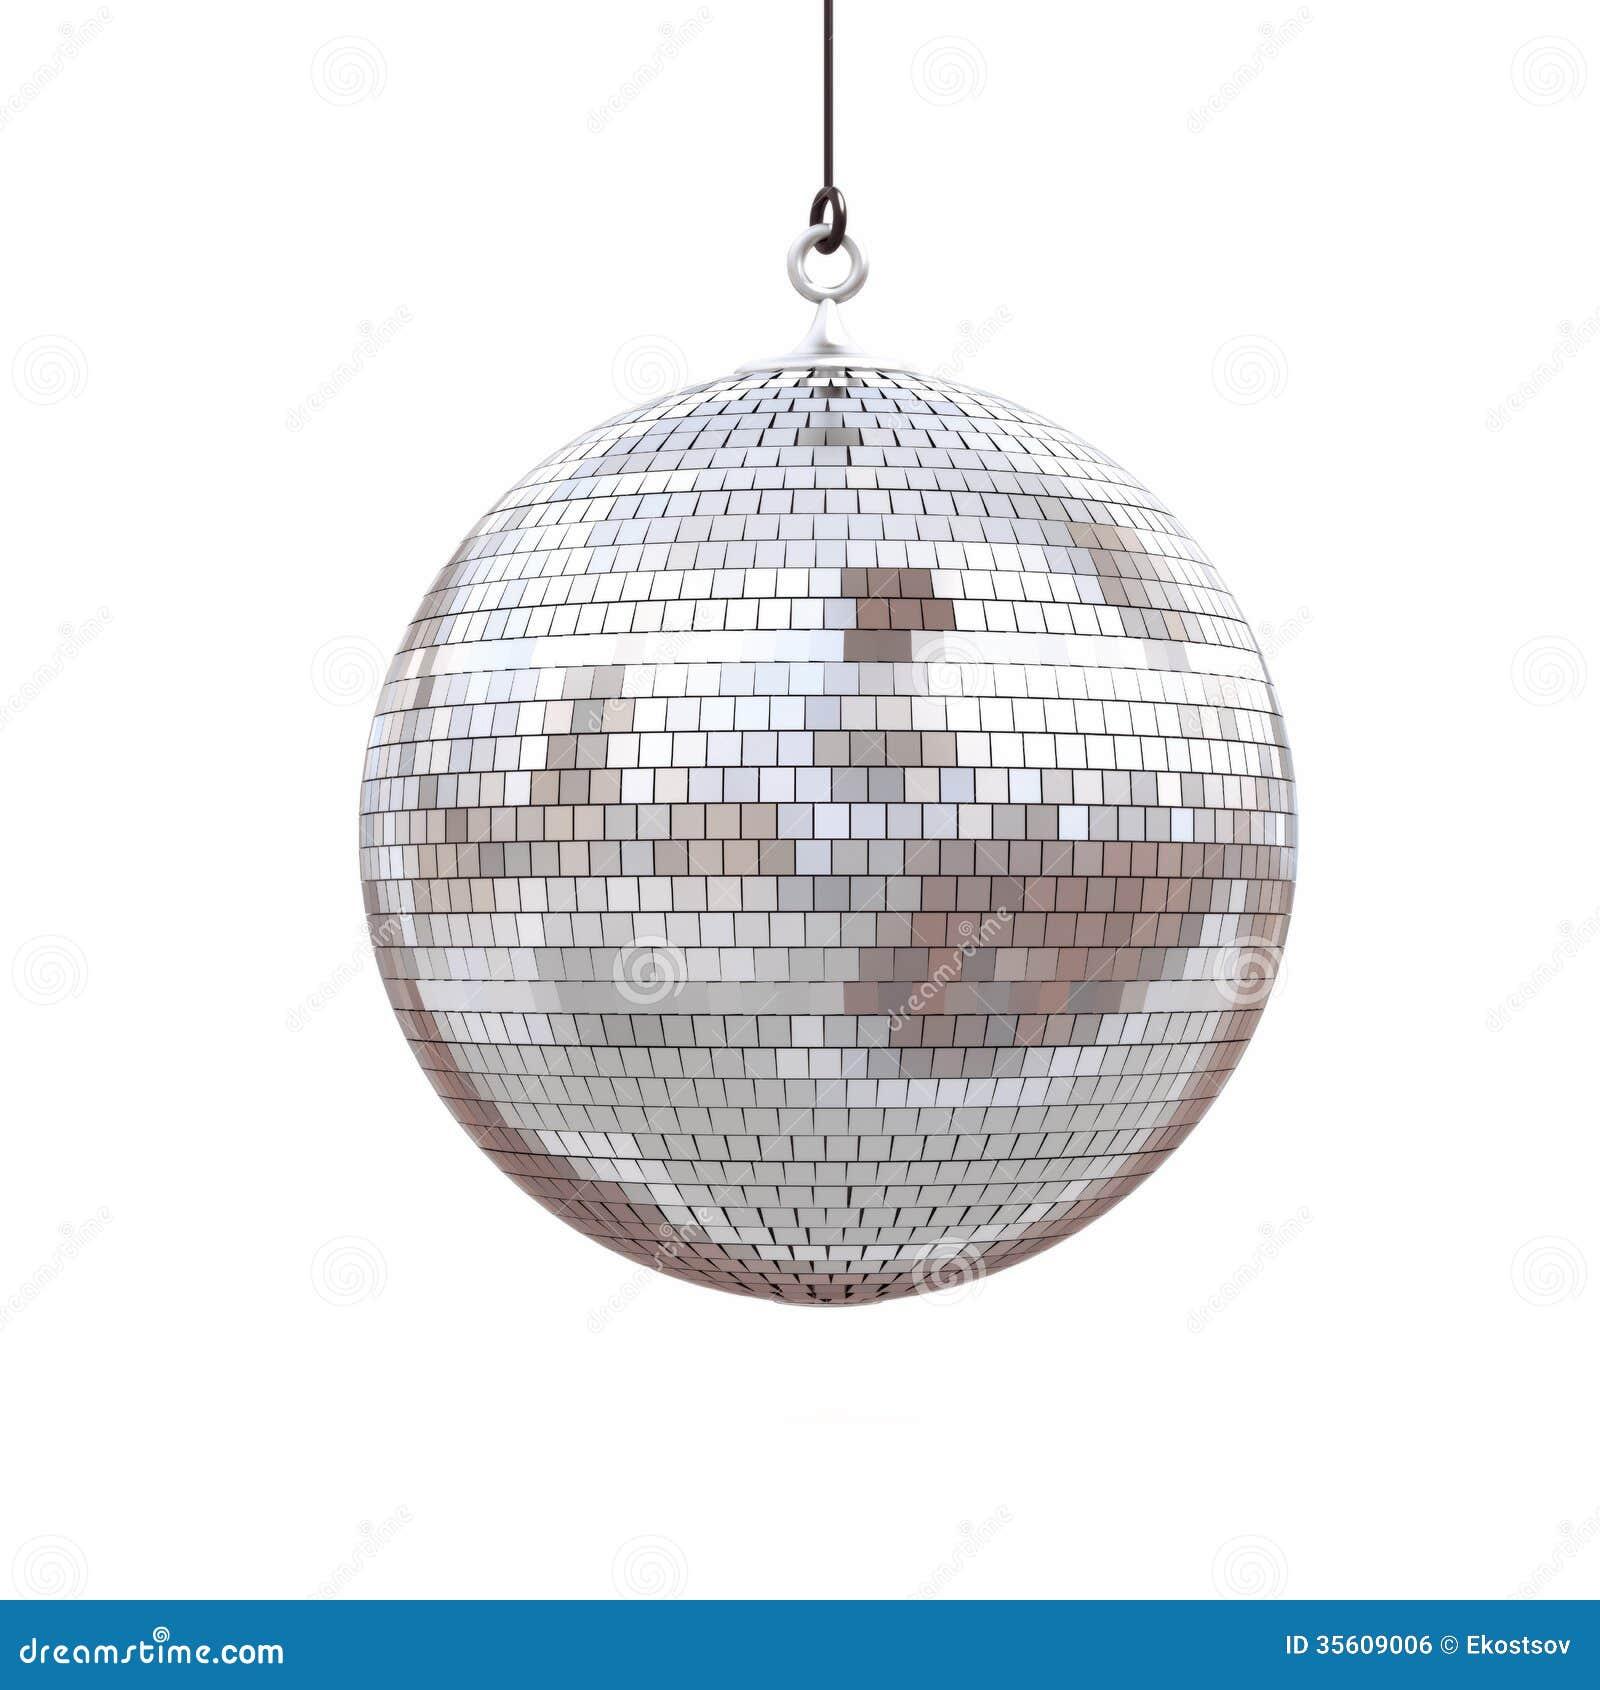 disco ball background white - photo #1